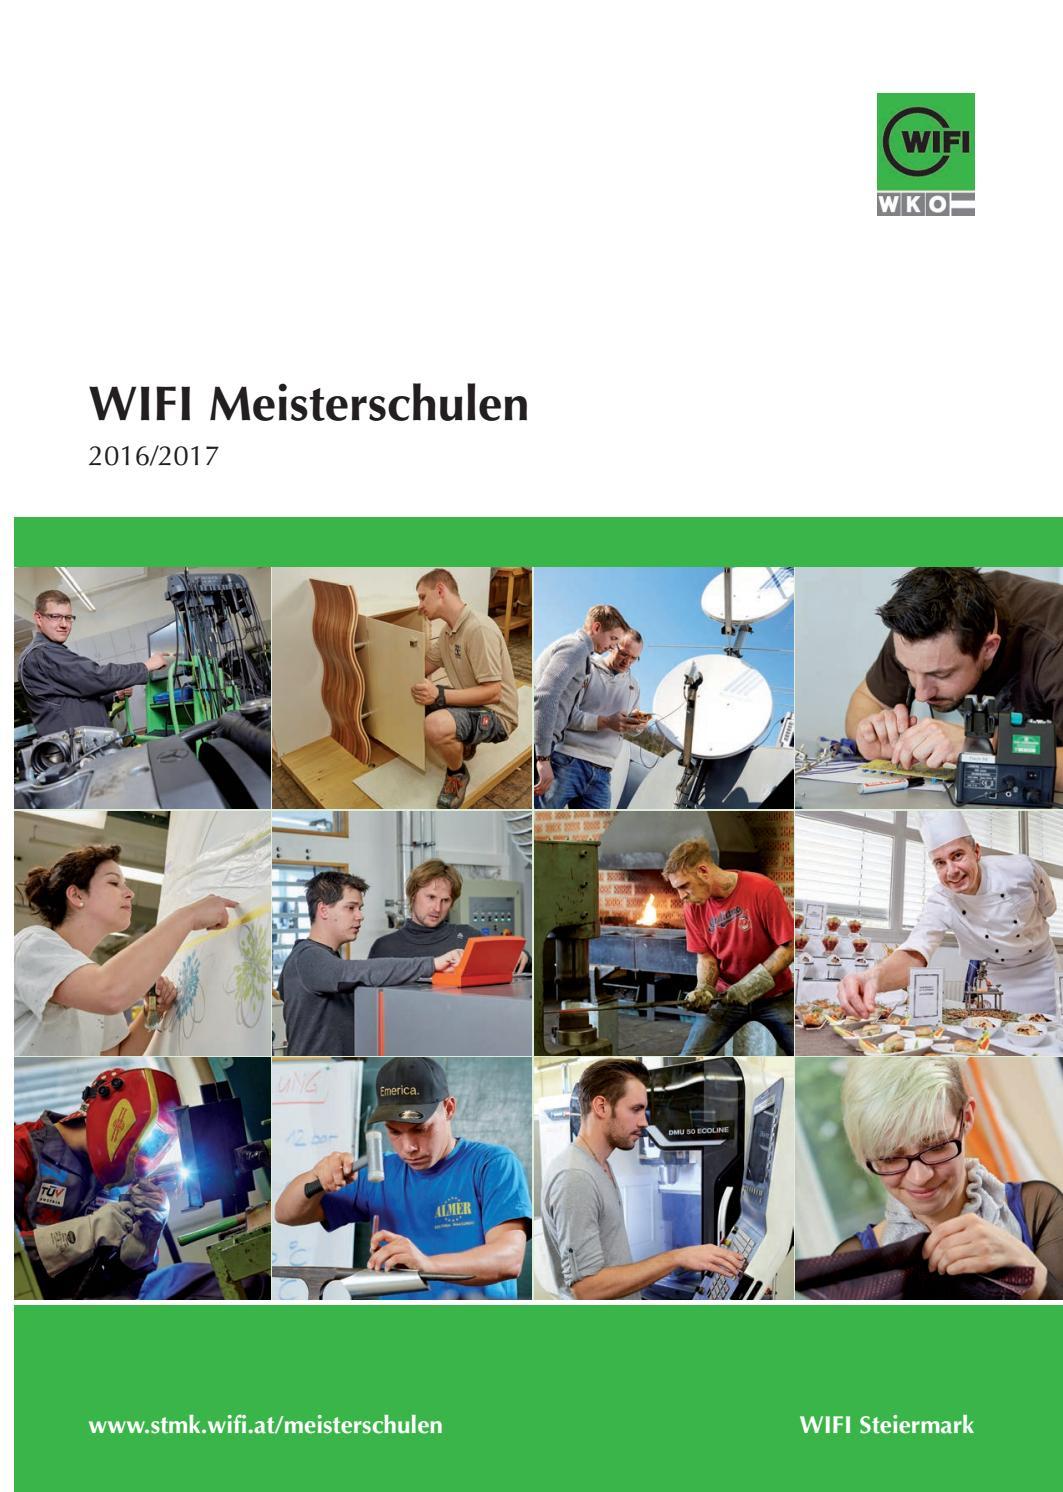 Meisterschule 2016/17 WIFI Steiermark by WIFI Steiermark - issuu